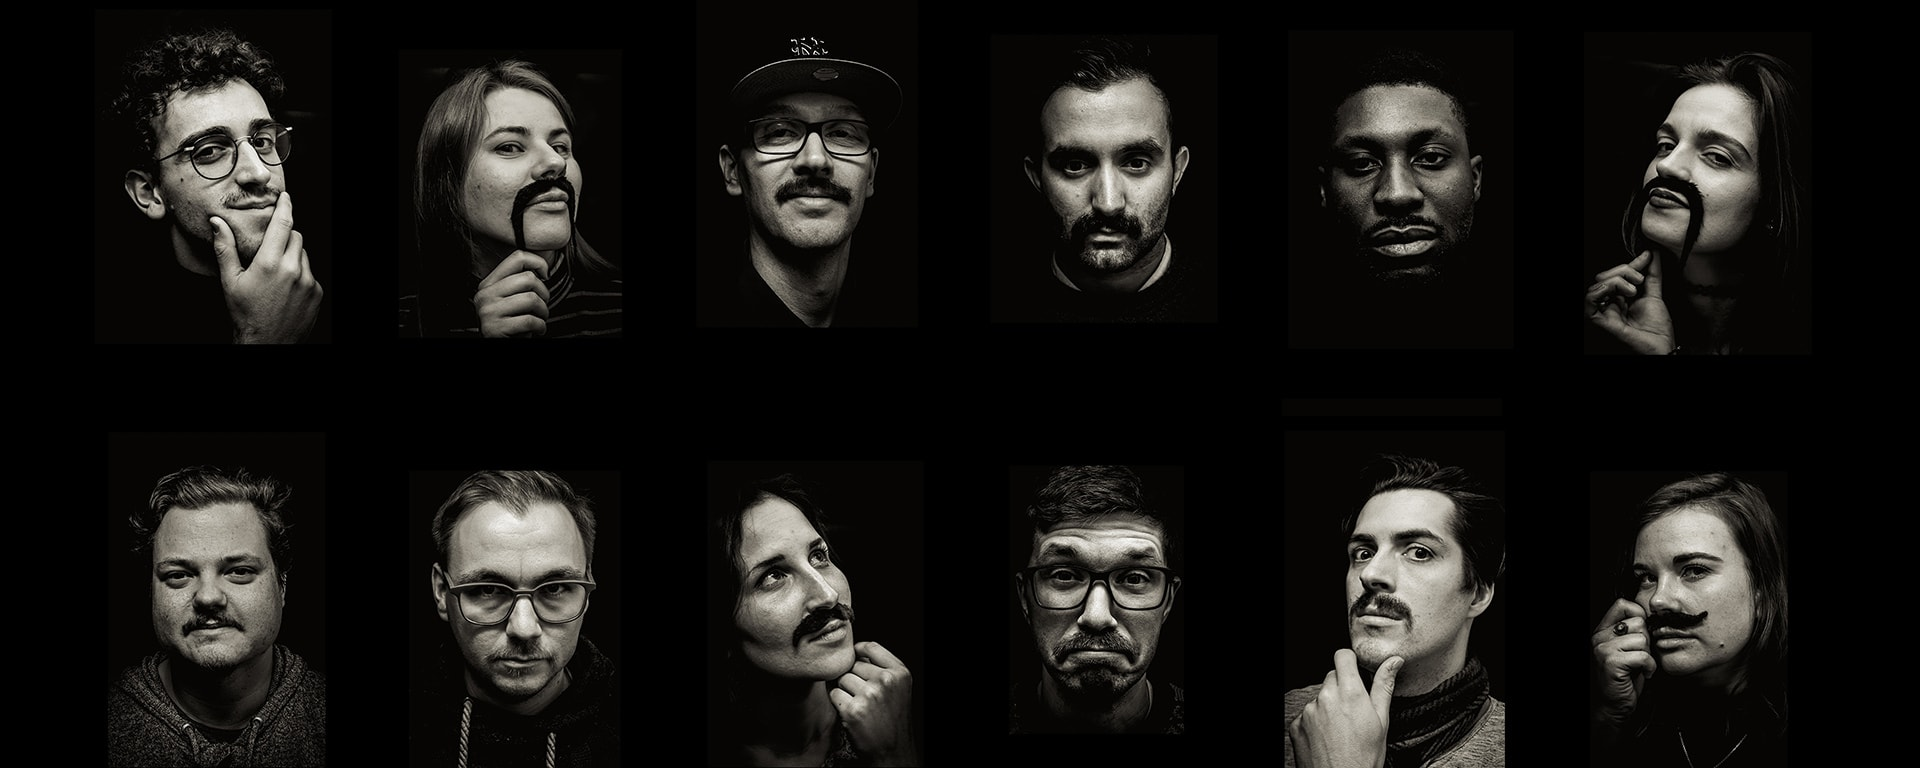 Movember 2019 : la moustache pour la bonne cause